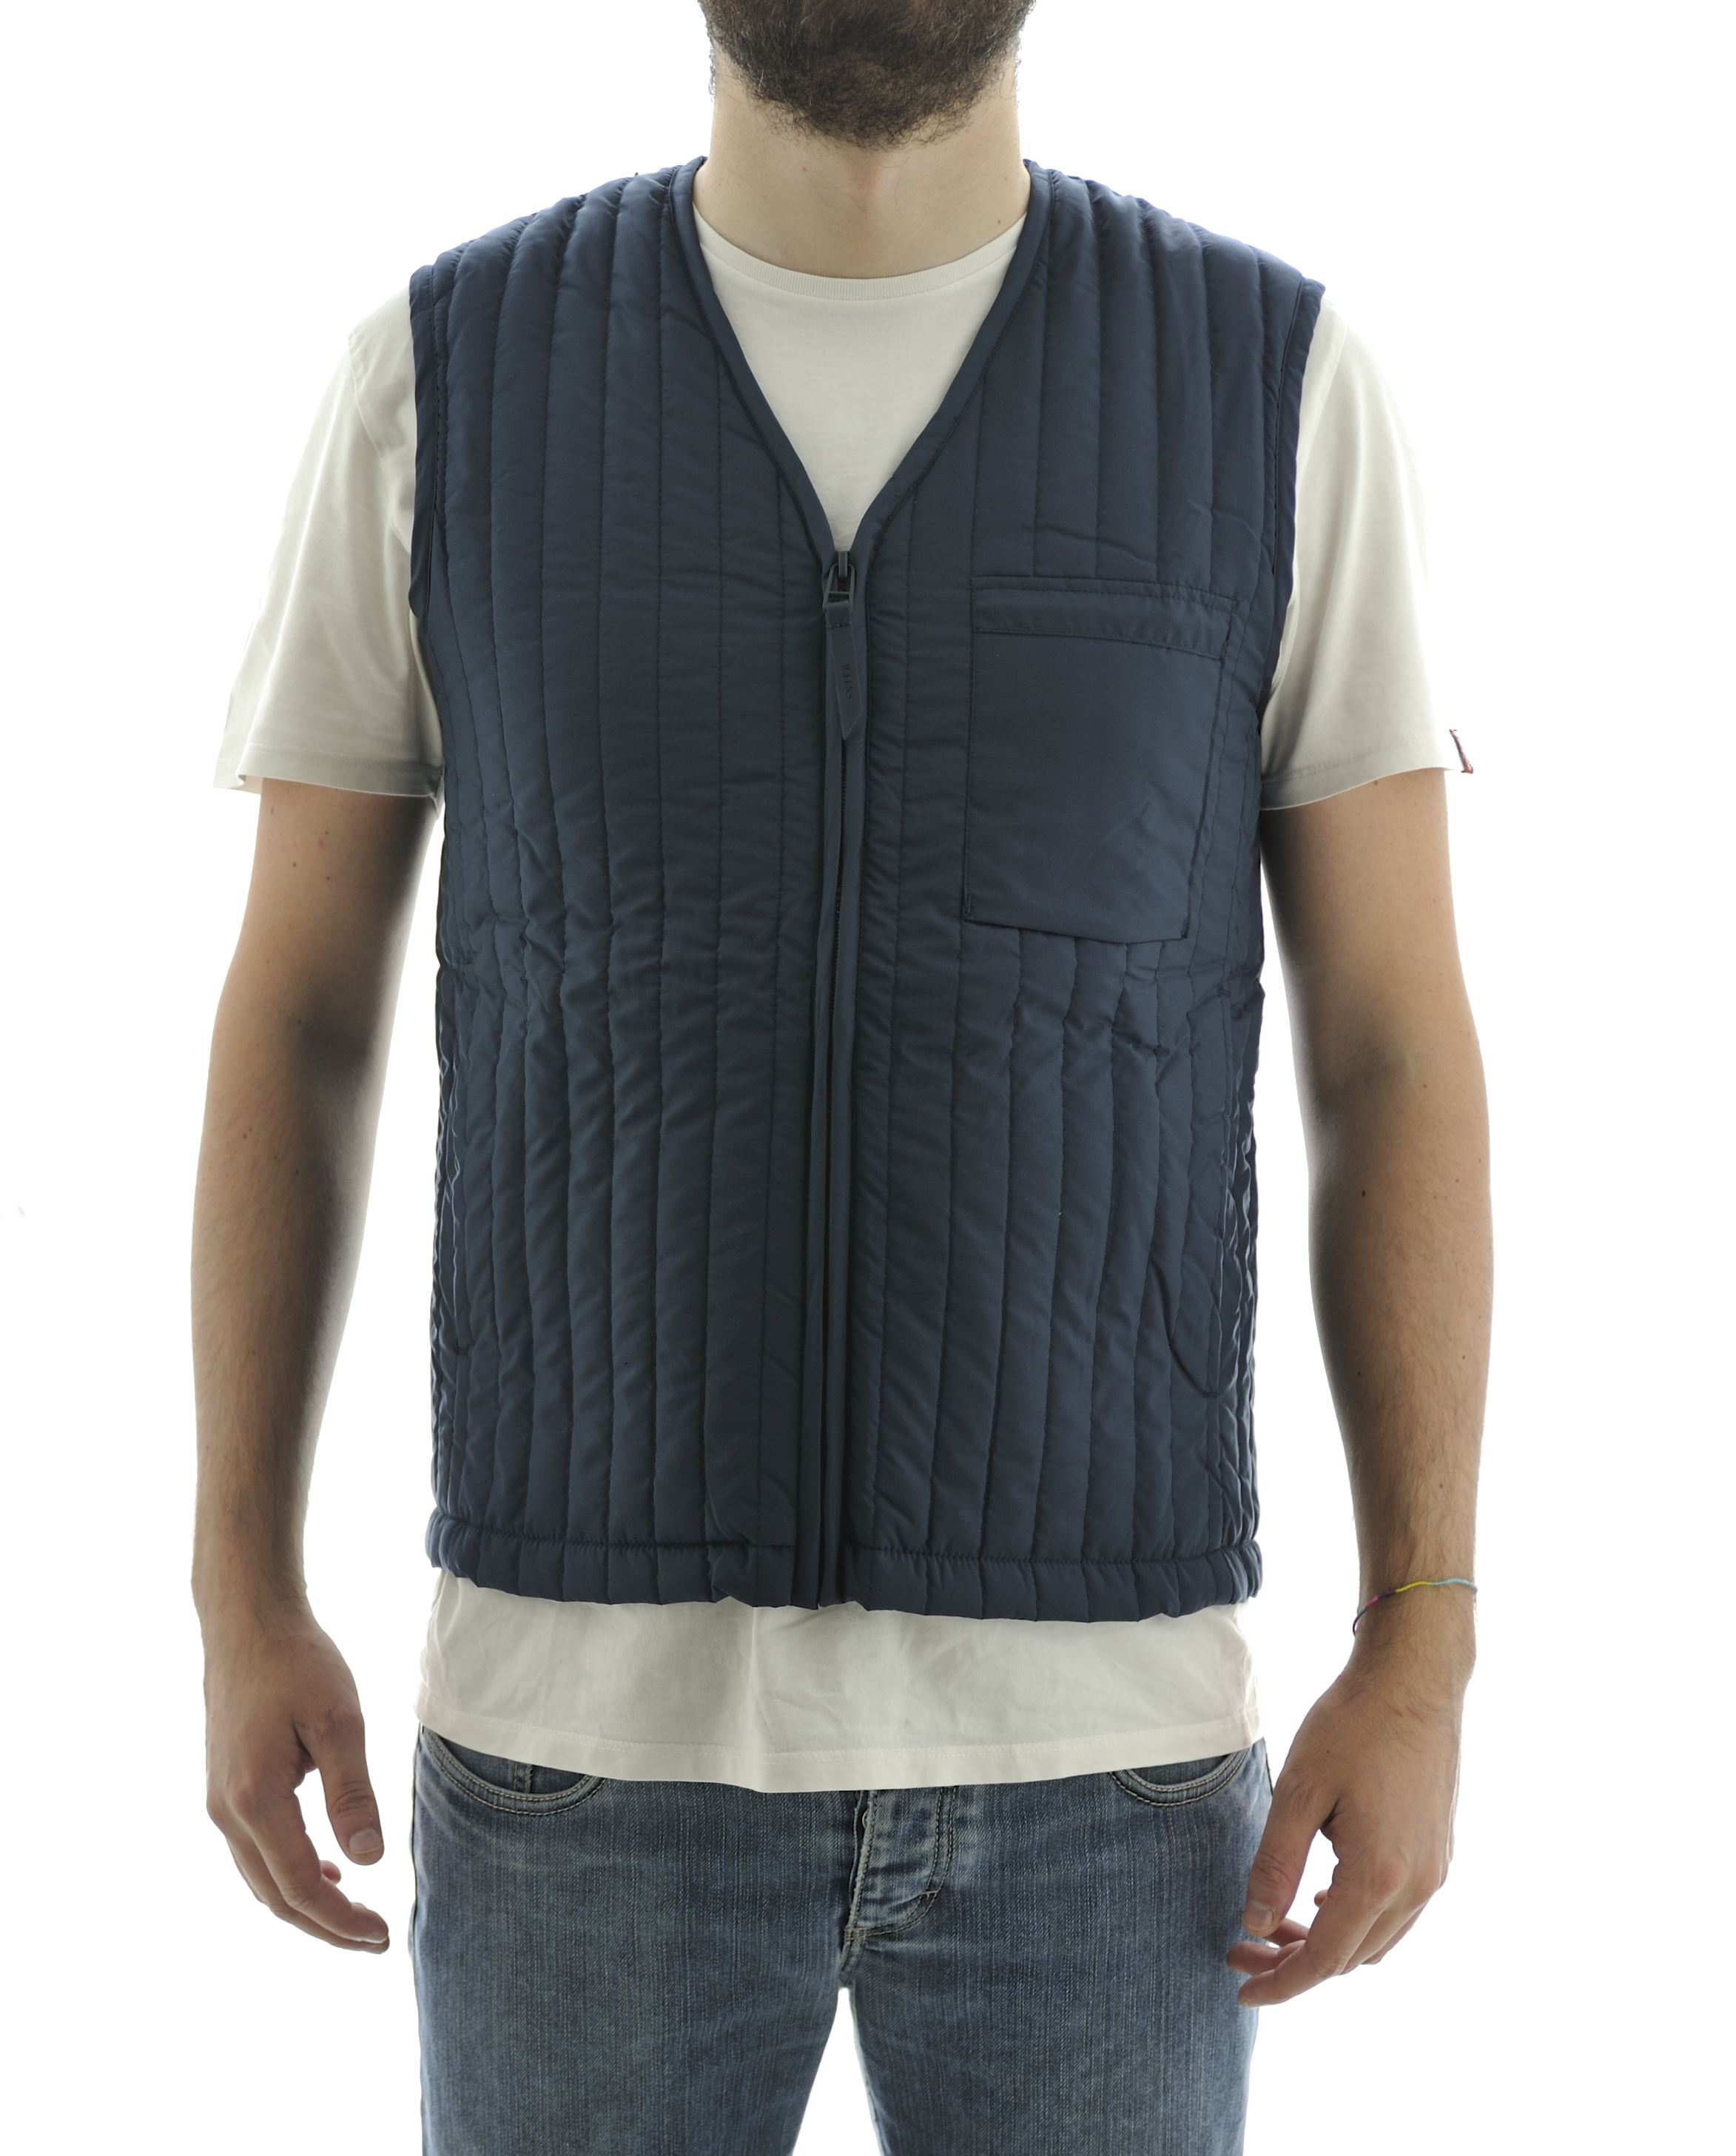 Picture of Liner Vest 1832 Blue